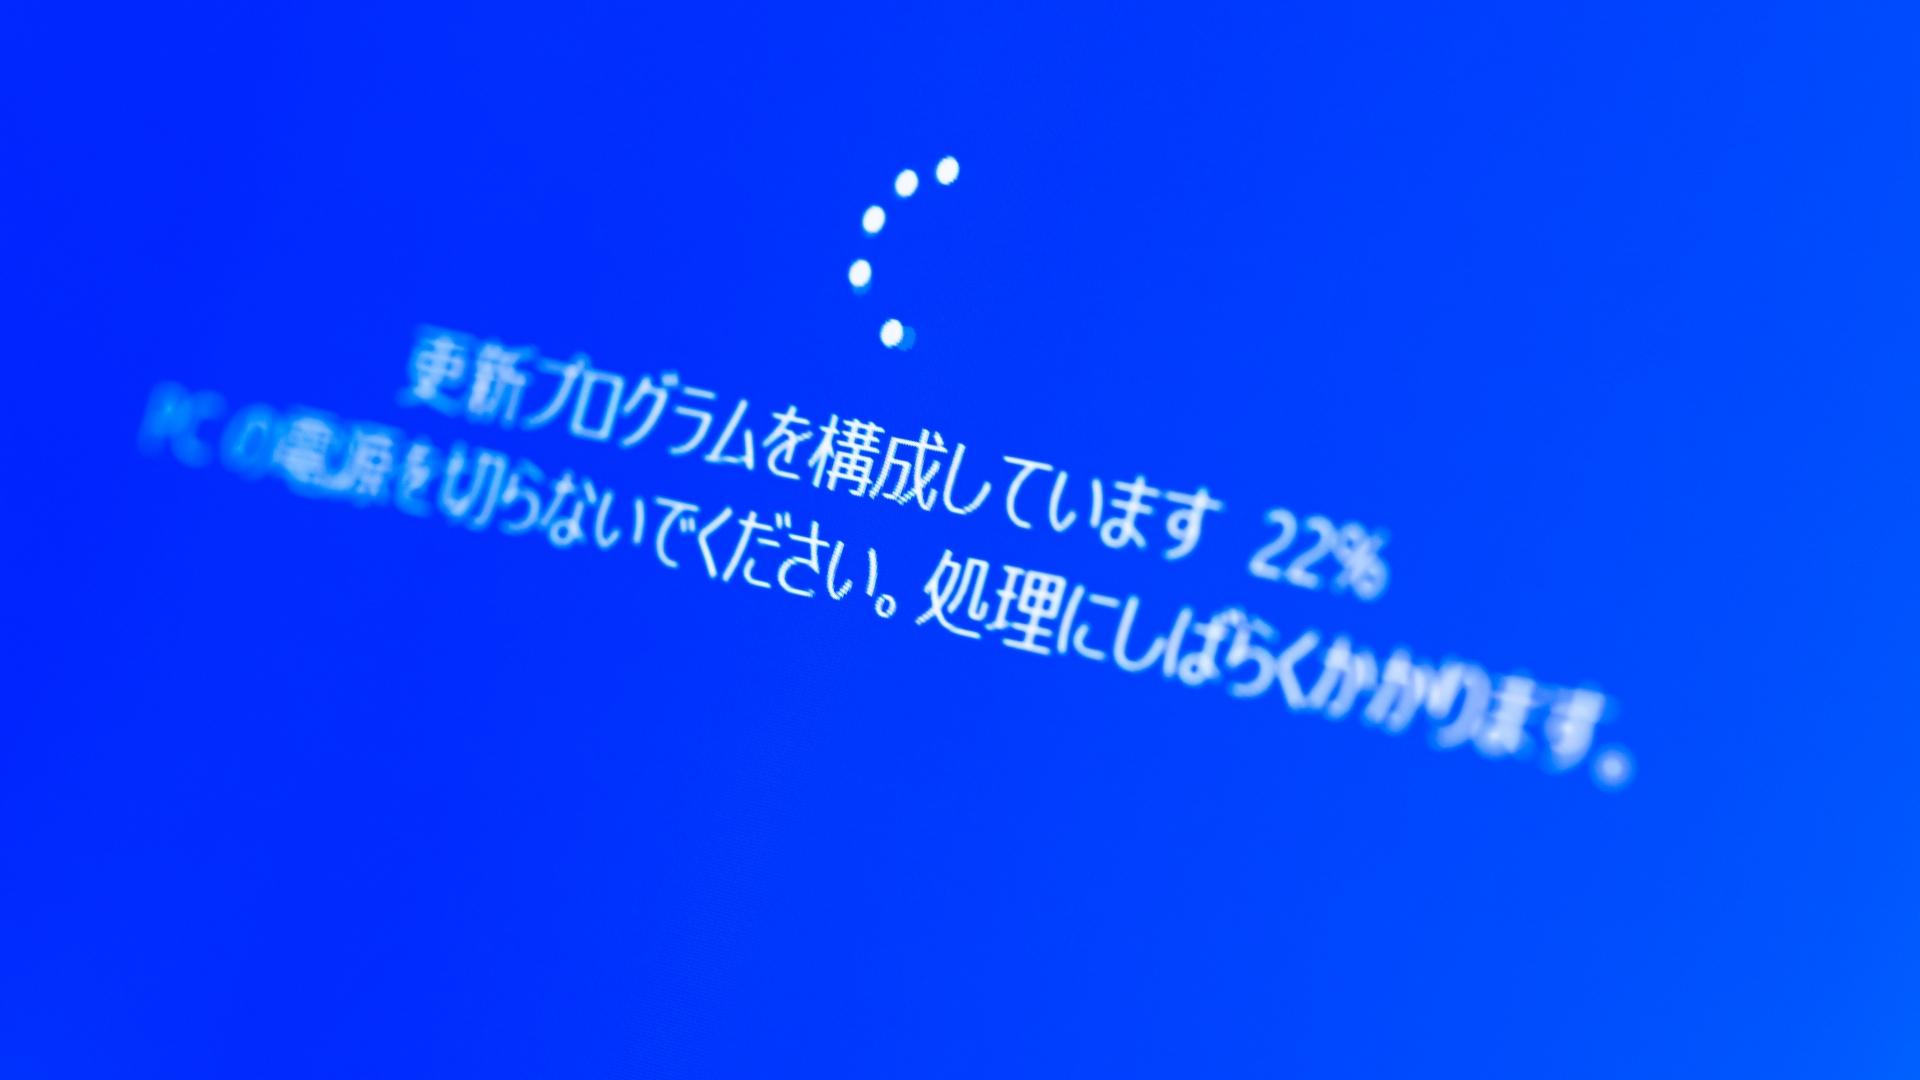 今ごろWindow7からWindows10に替えたんですか・・|職住隣接物語 ngsw.net